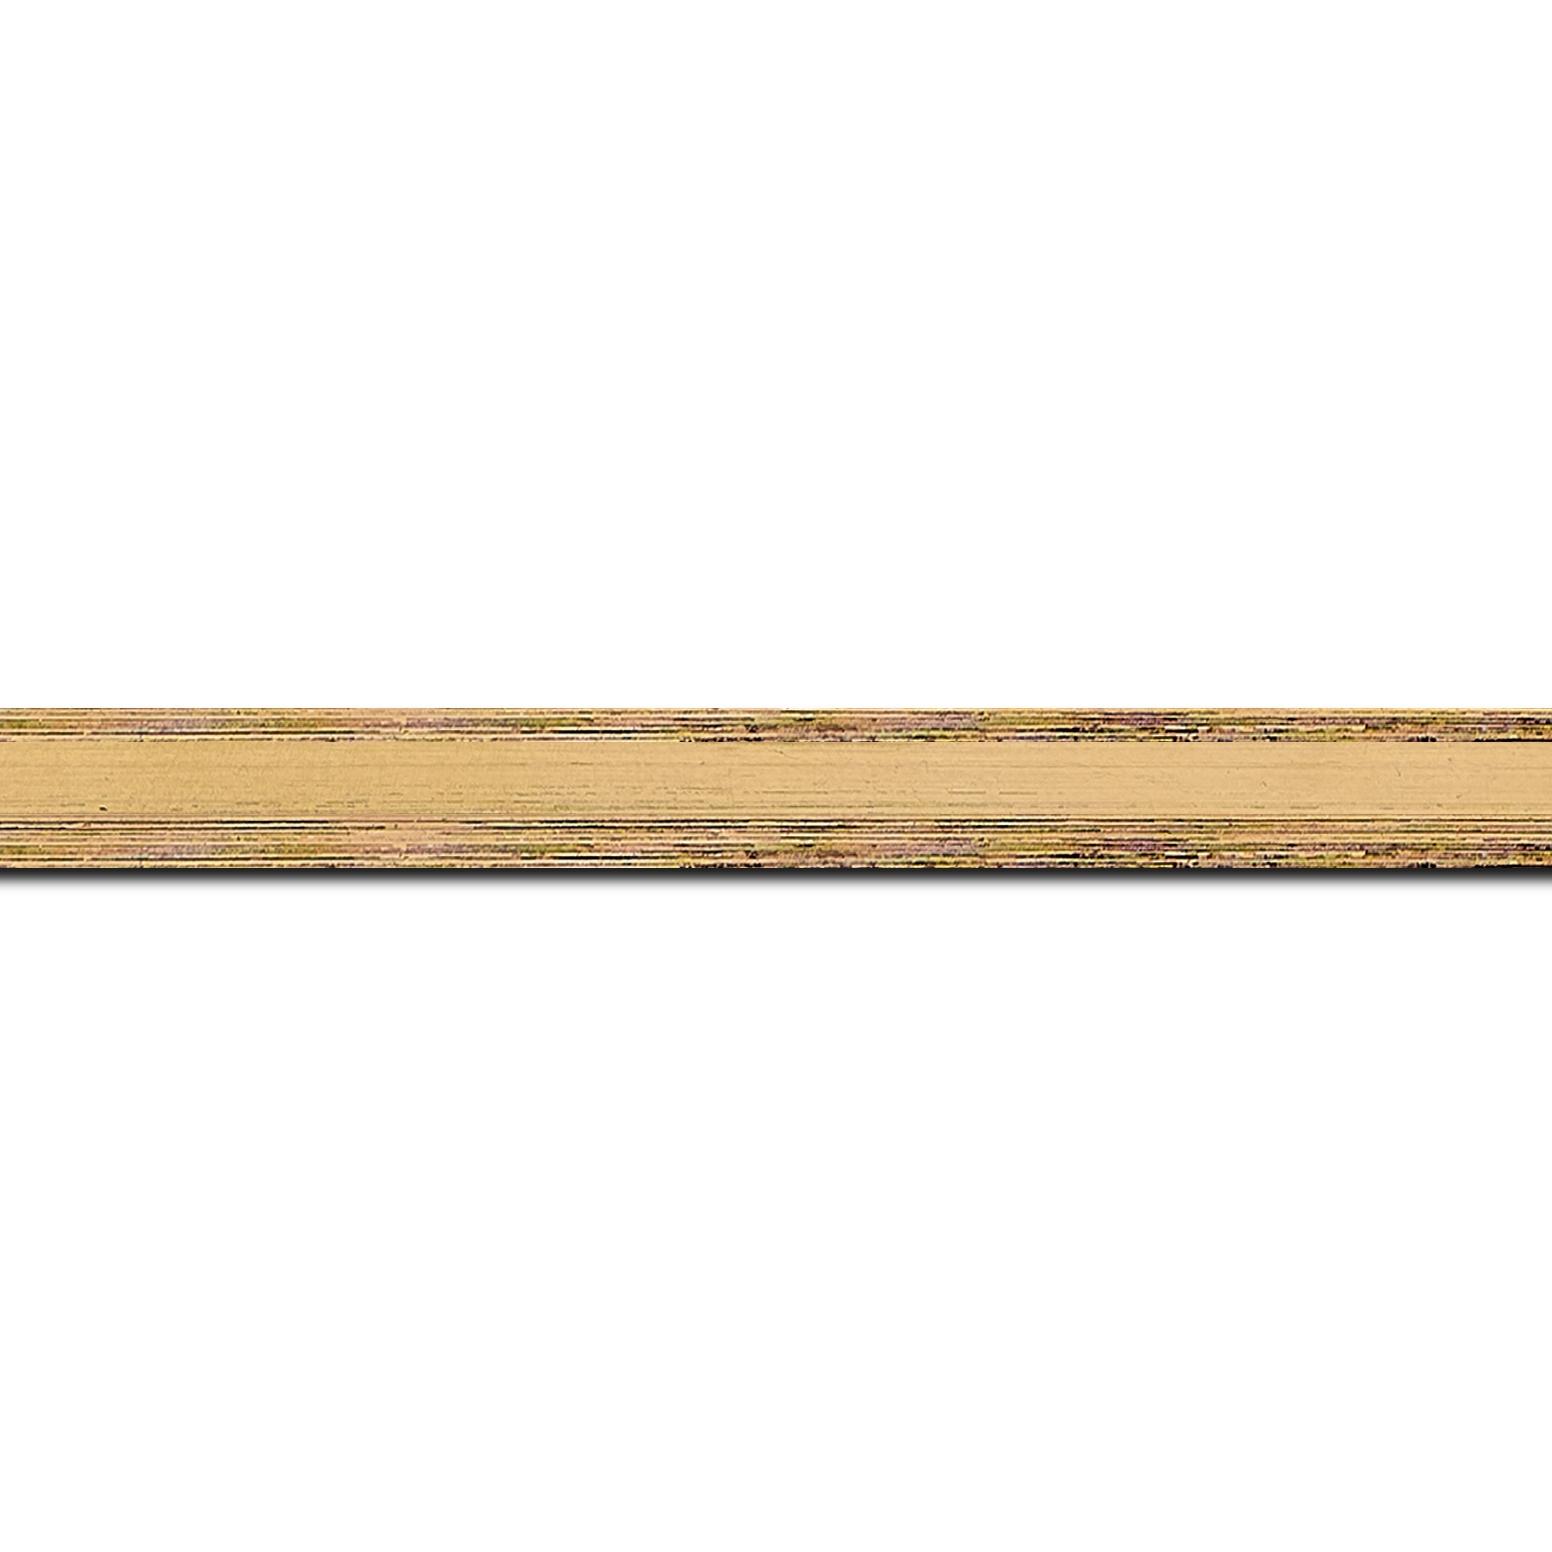 Pack par 12m, bois profil plat en pente largeur 1.4cm couleur or coté extérieur foncé. finition haut de gamme car dorure à l'eau fait main (longueur baguette pouvant varier entre 2.40m et 3m selon arrivage des bois)